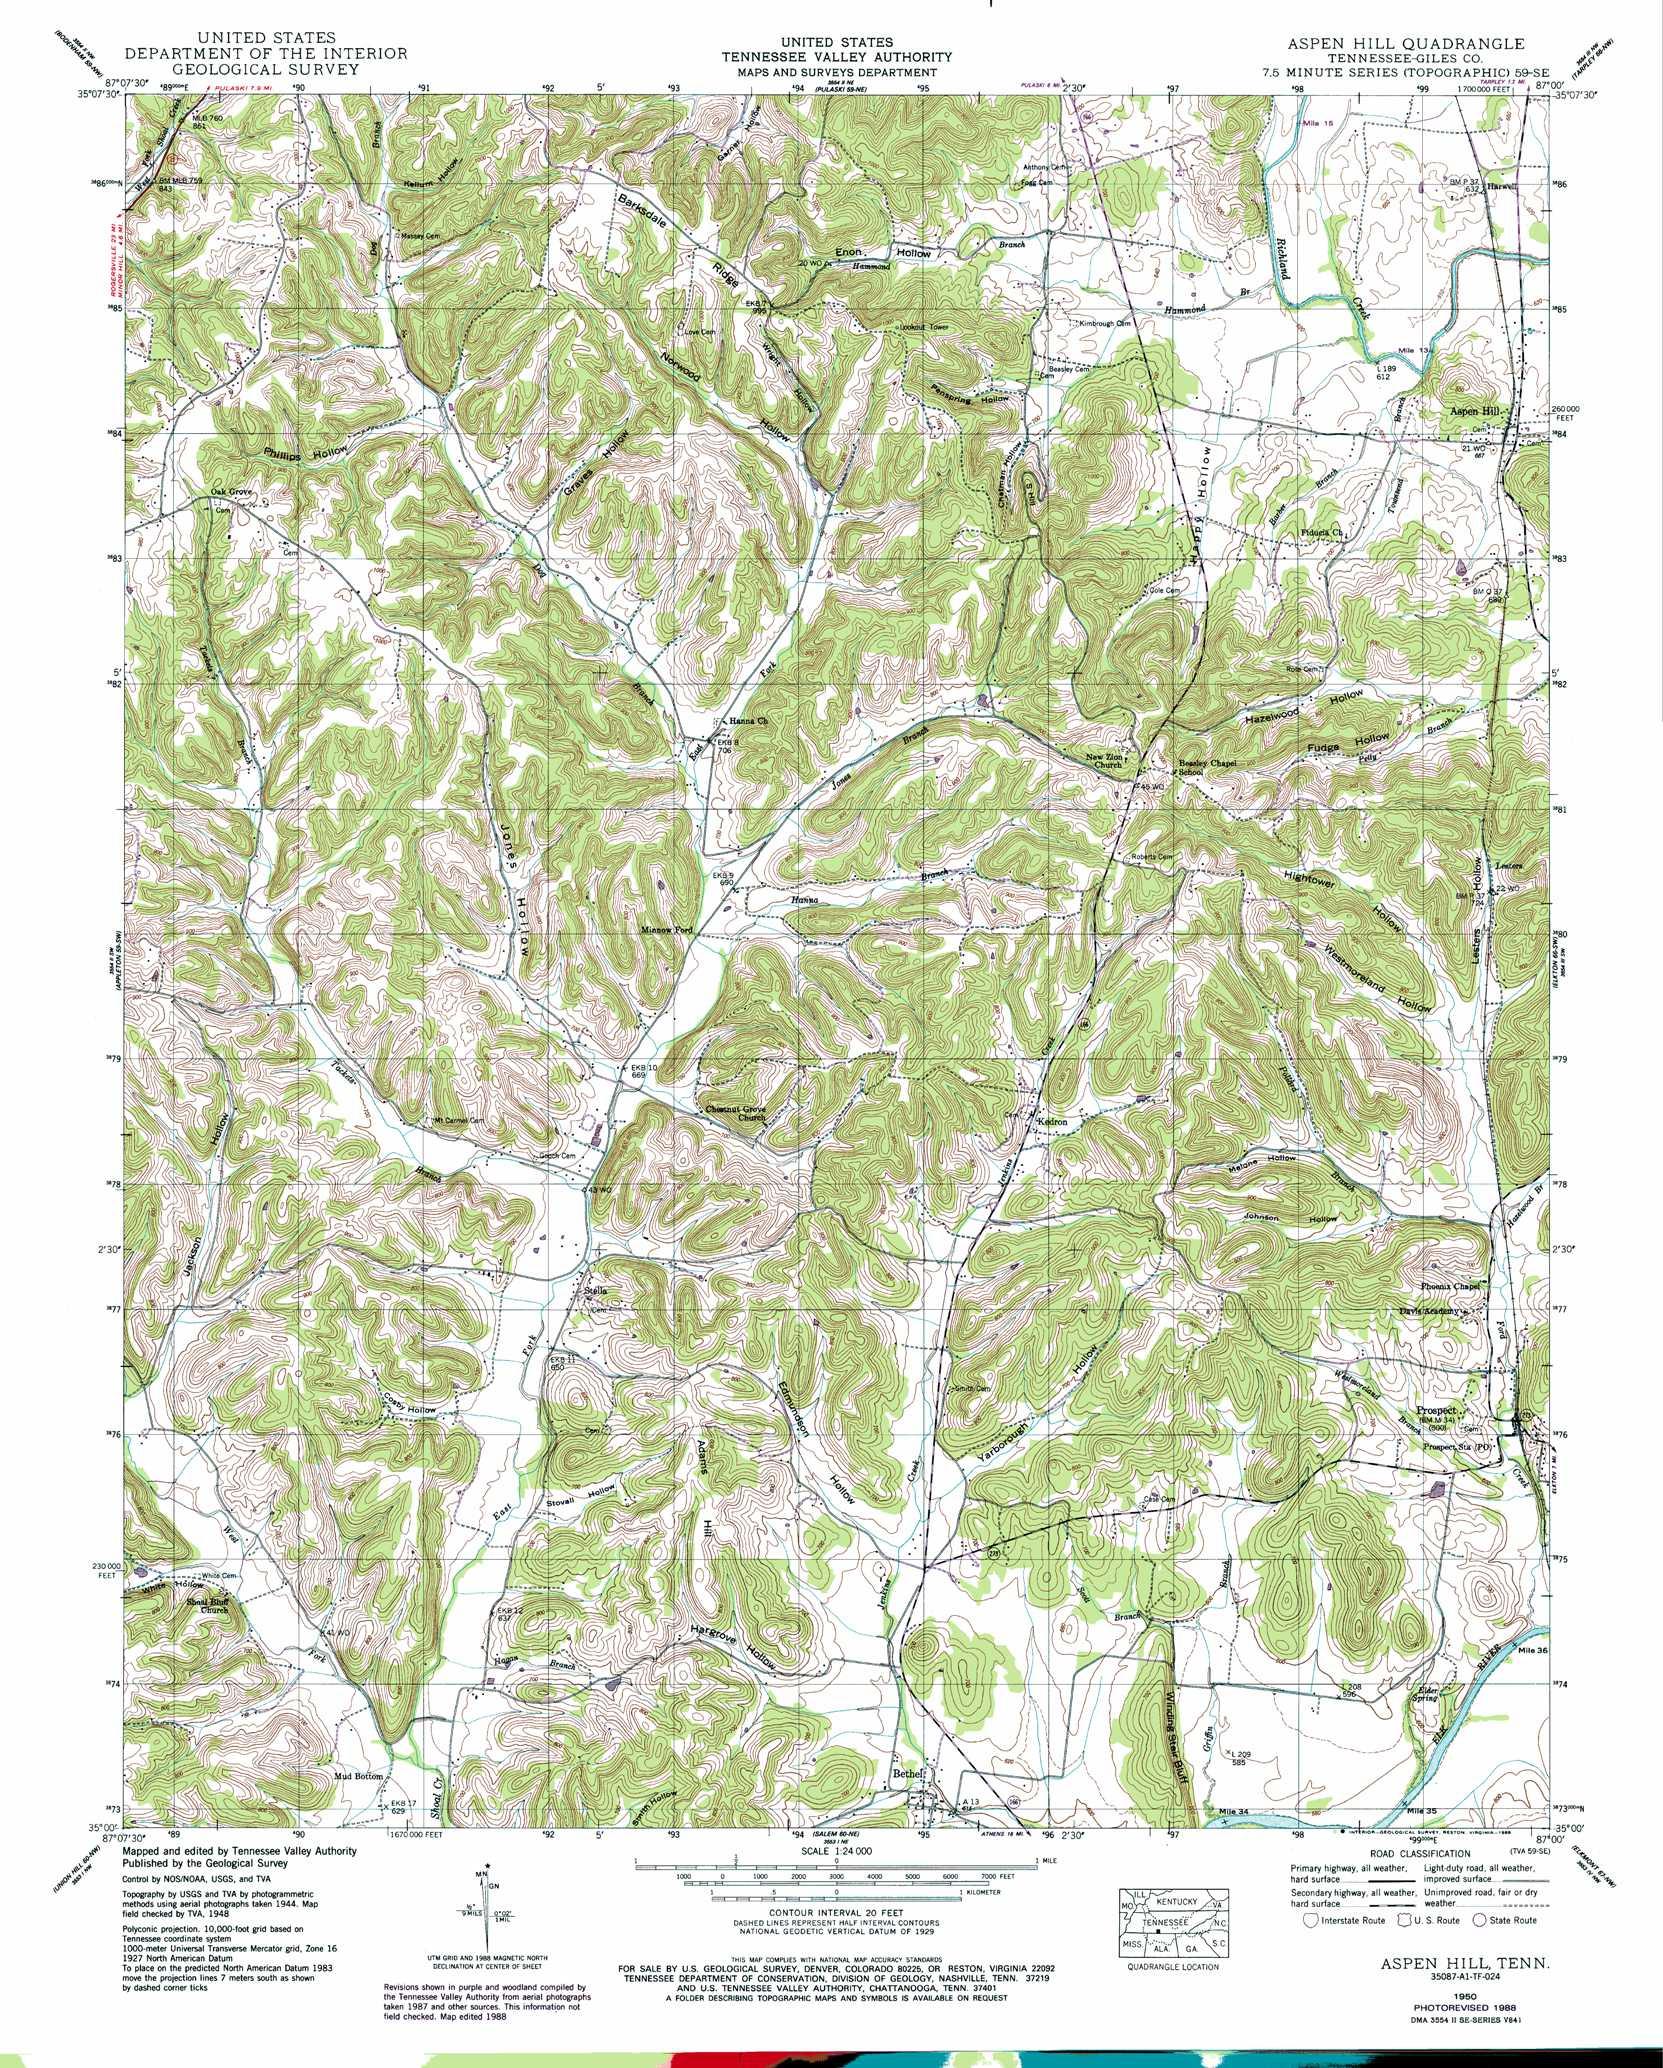 Aspen Hill topographic map TN USGS Topo Quad 35087a1